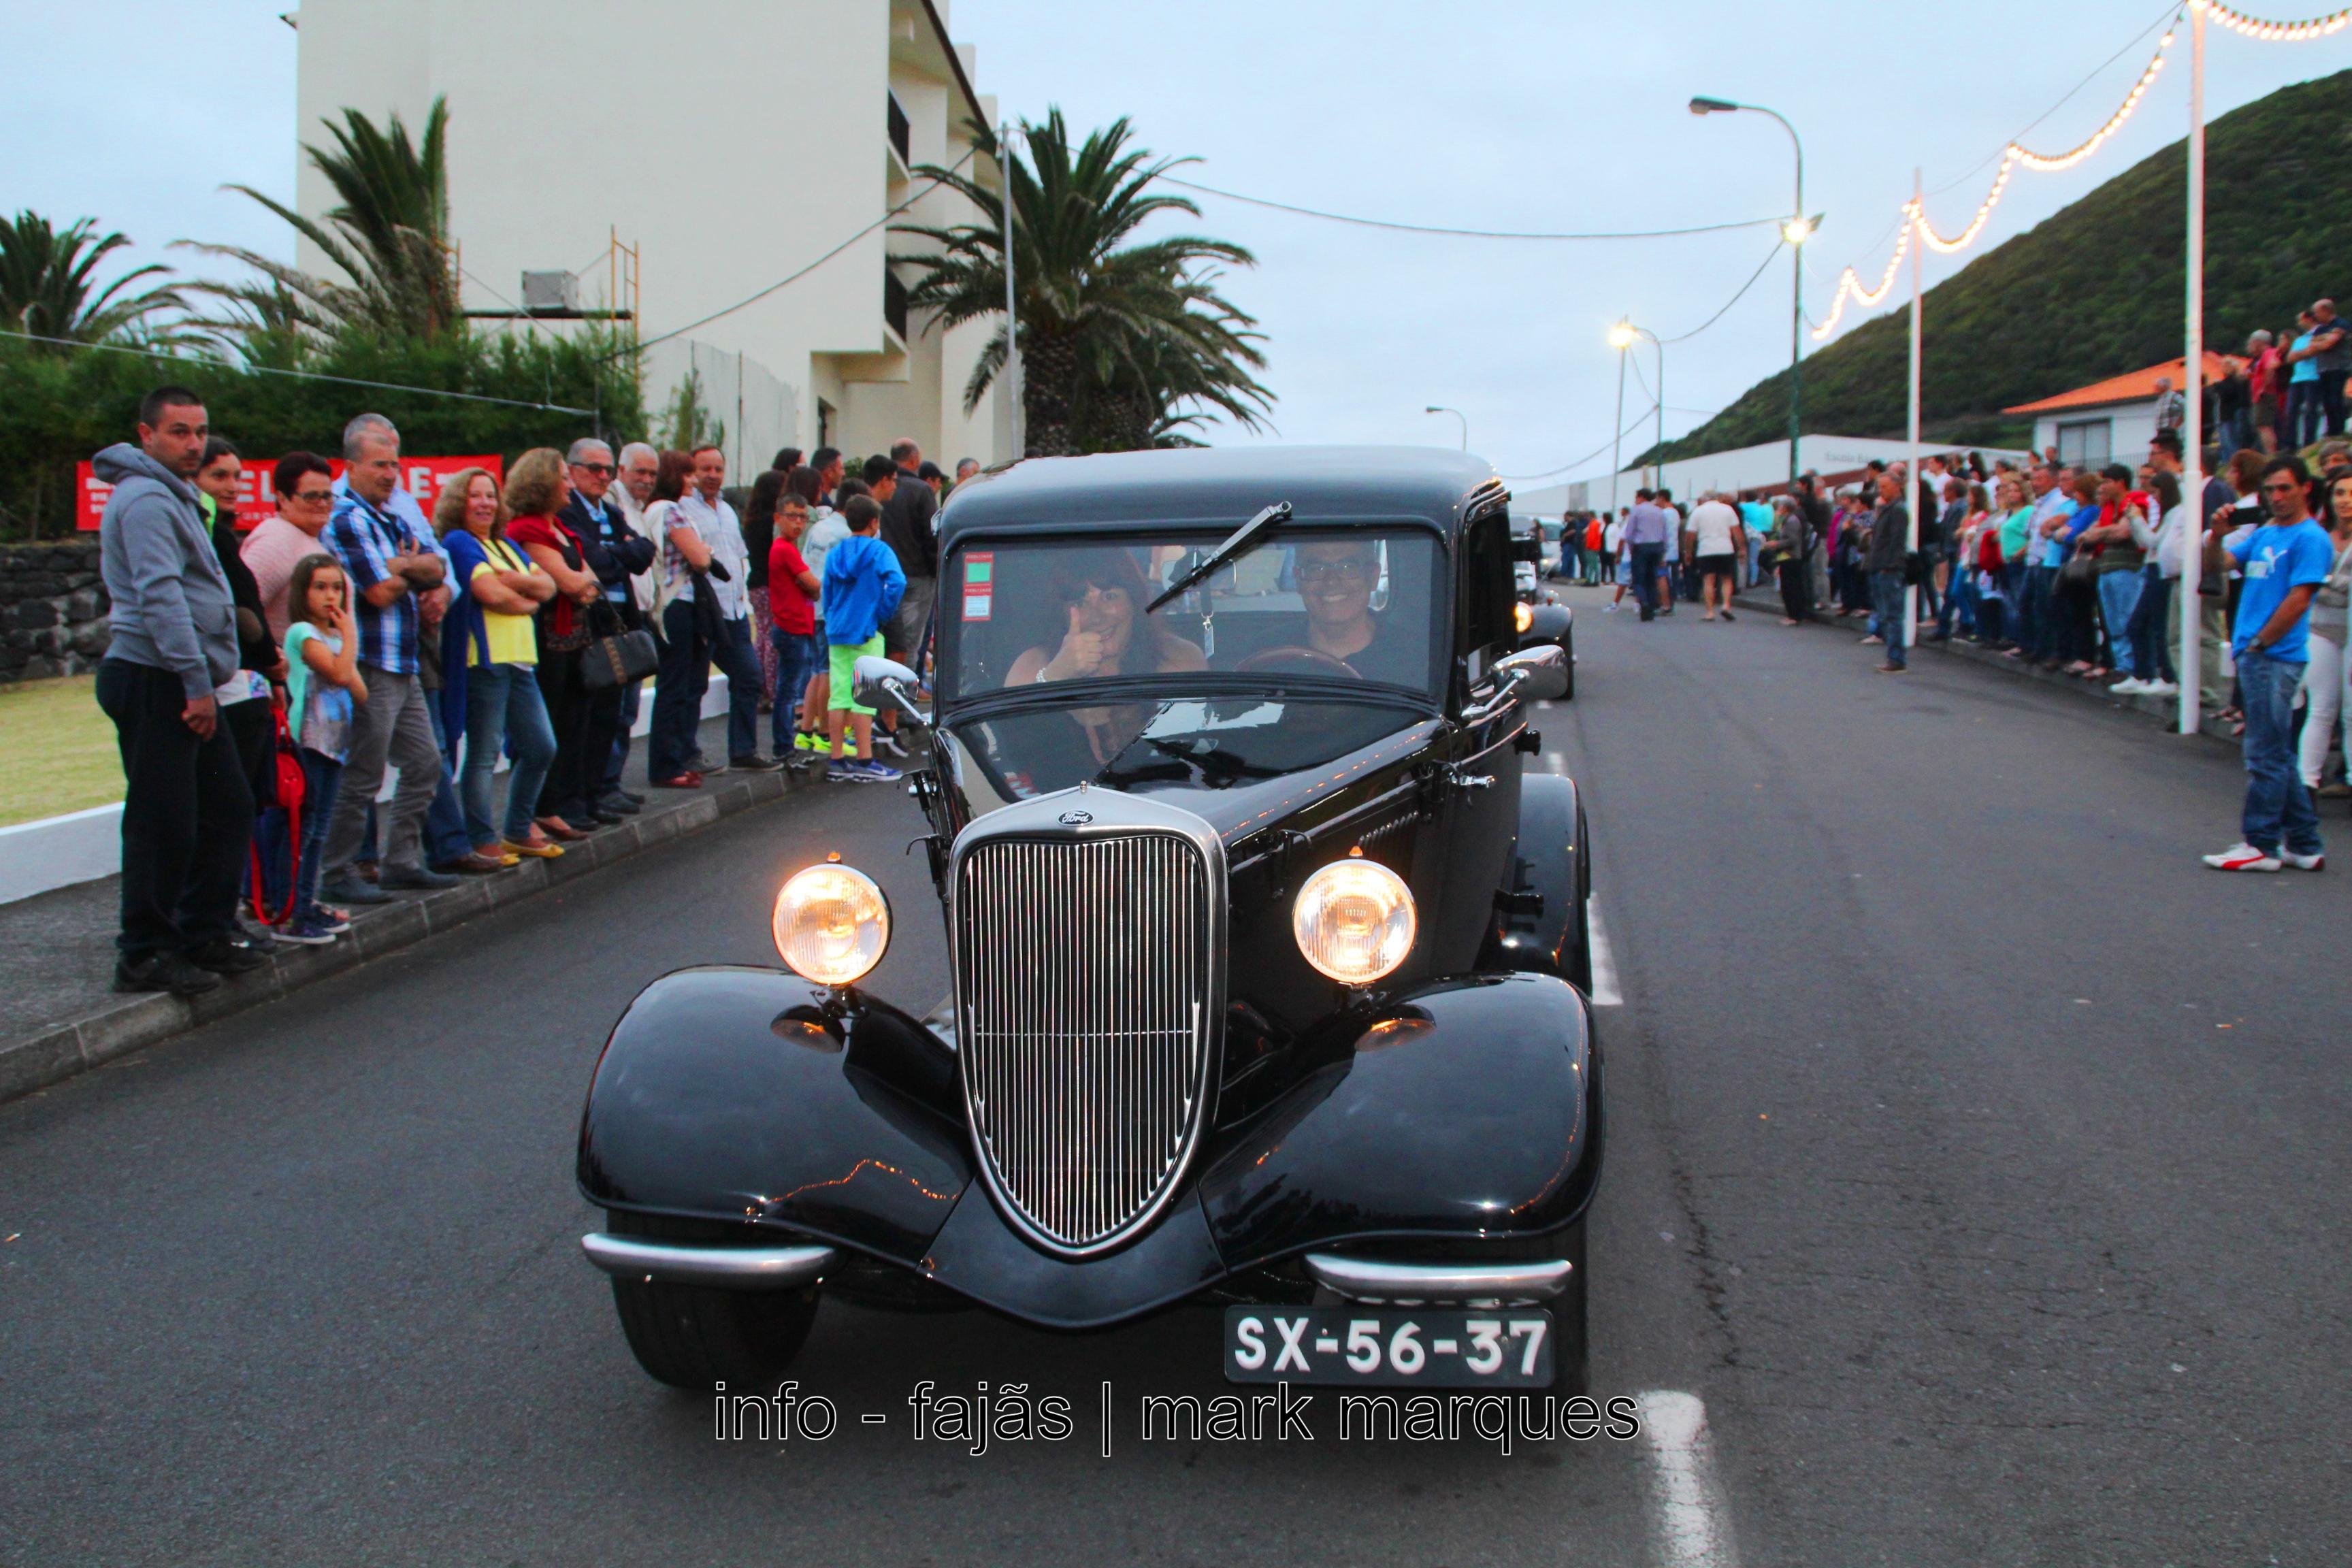 3º Dia da Semana Cultural das Velas (Desfile Carros e Motos). (reportagem fotográfica)